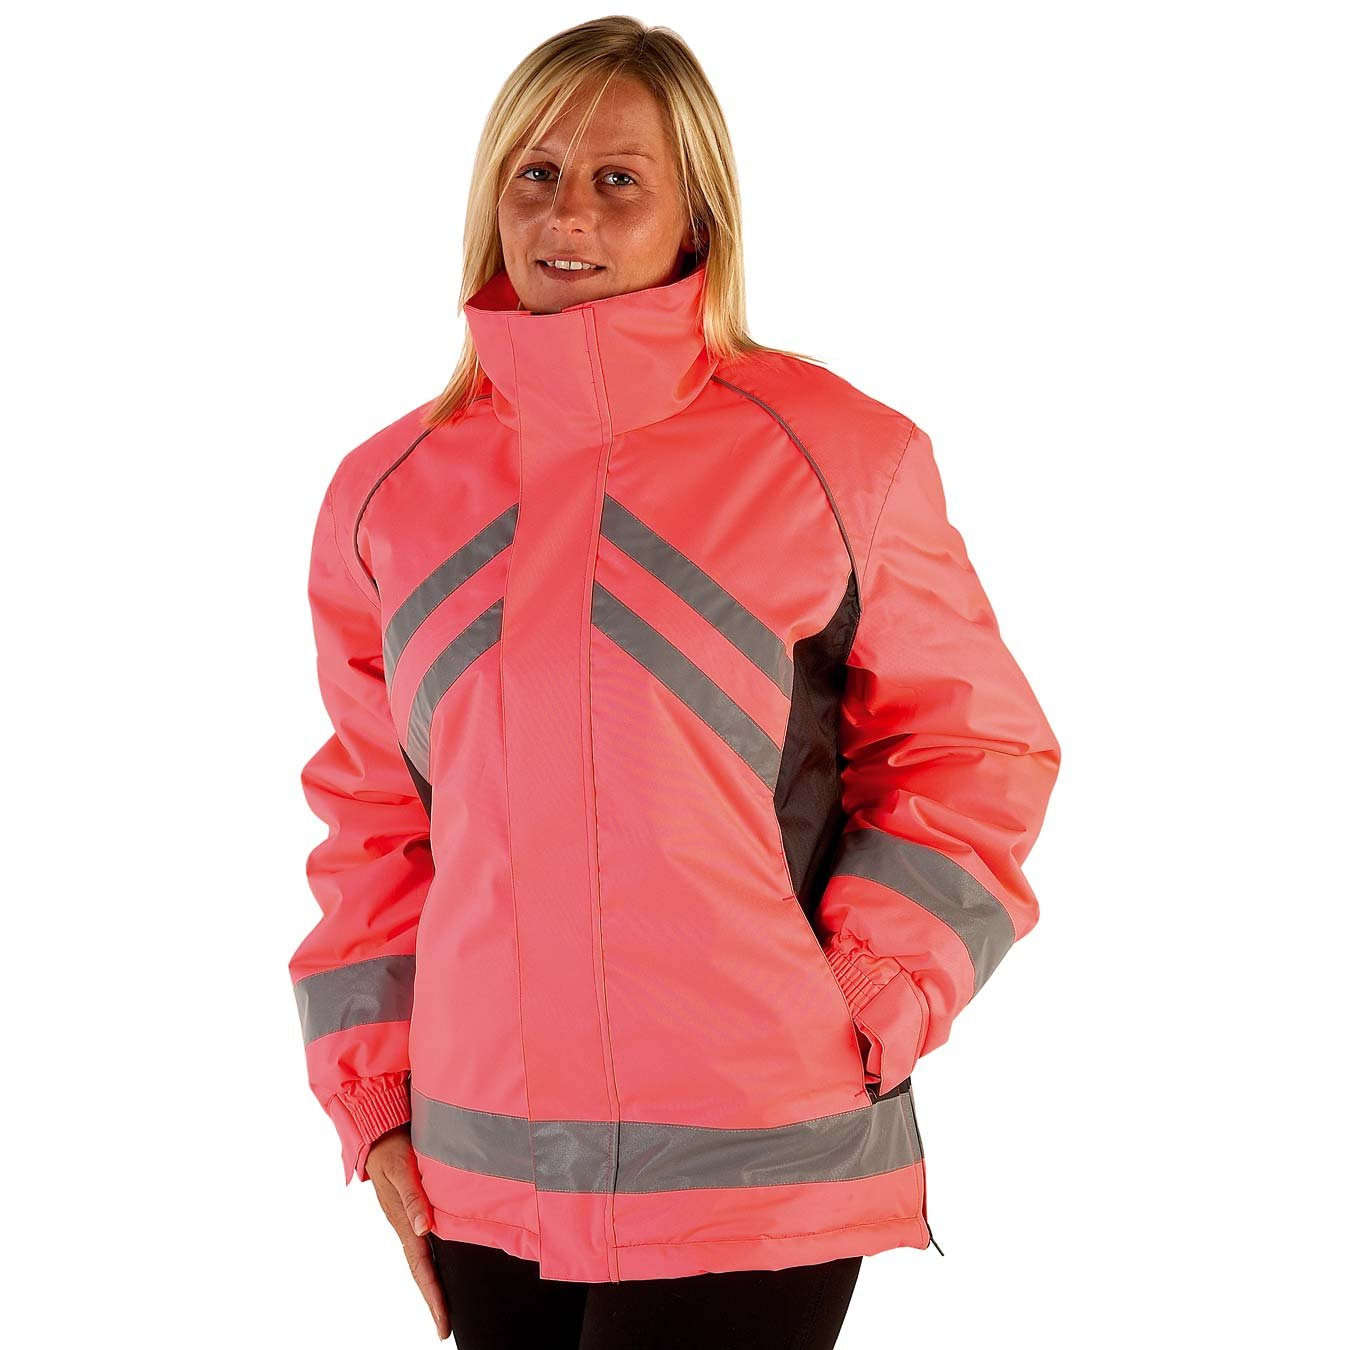 Yellow//Black, X-Large HyViz Waterproof Riding Jacket